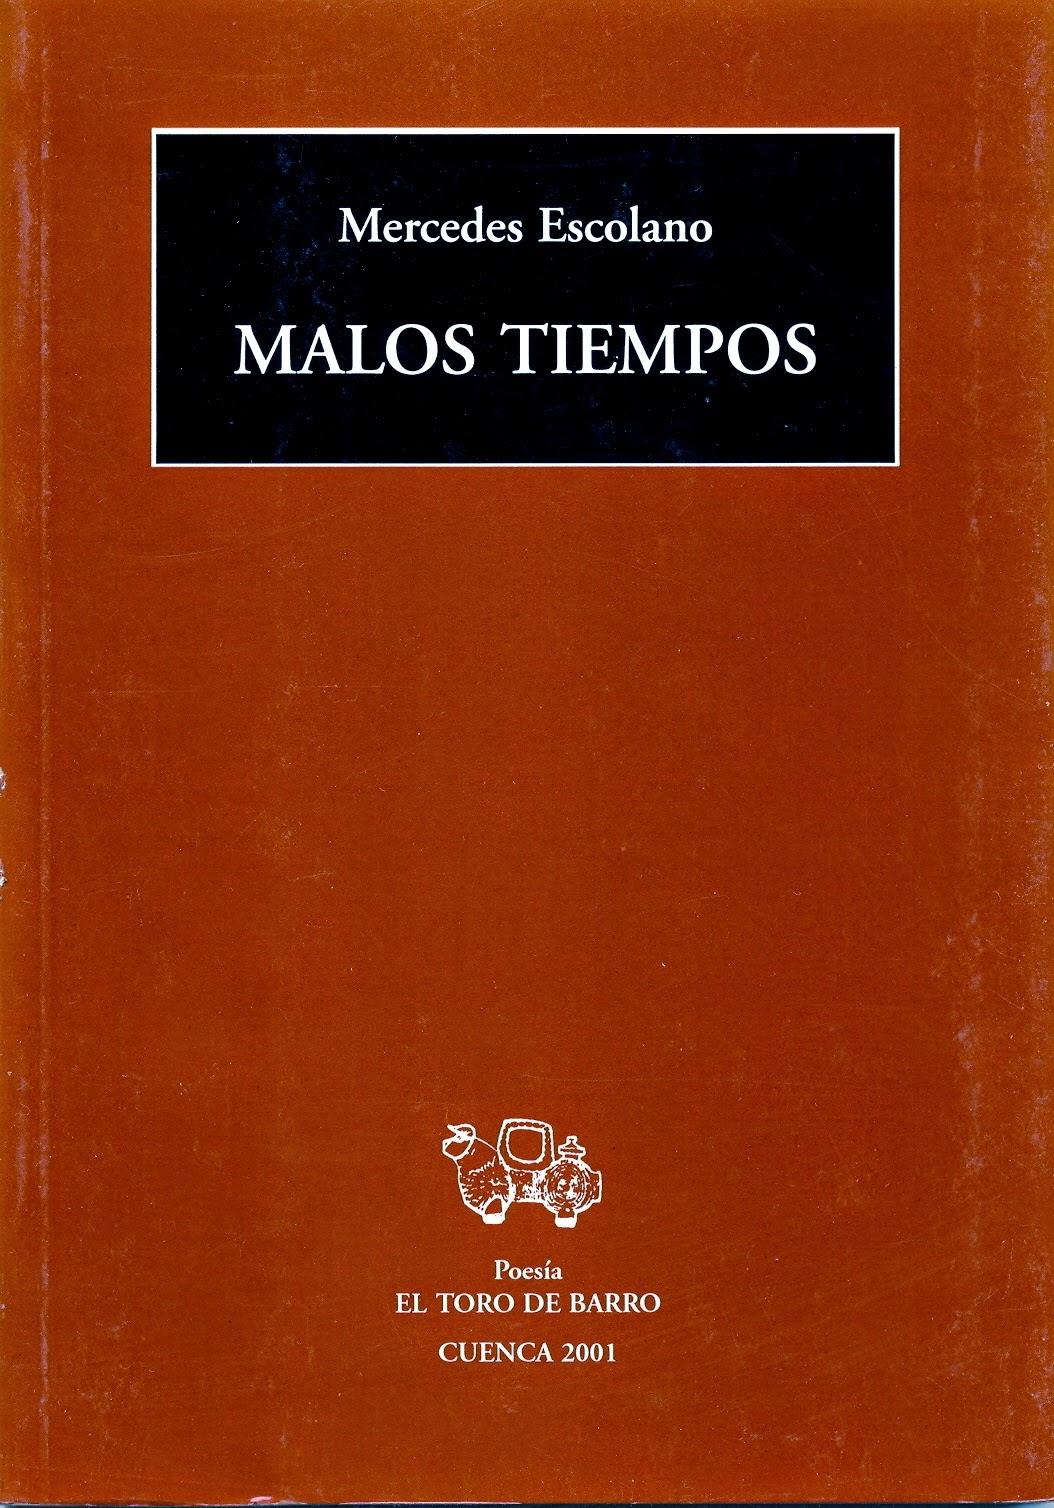 Mercedes Escolano, «Malos tiempos» Ed. El Toro de Barro, Carlos Morales ed. Tarancón de Cuenca, 2001. edicioneseltorodebarro@yahoo.es PVP 10 euros.